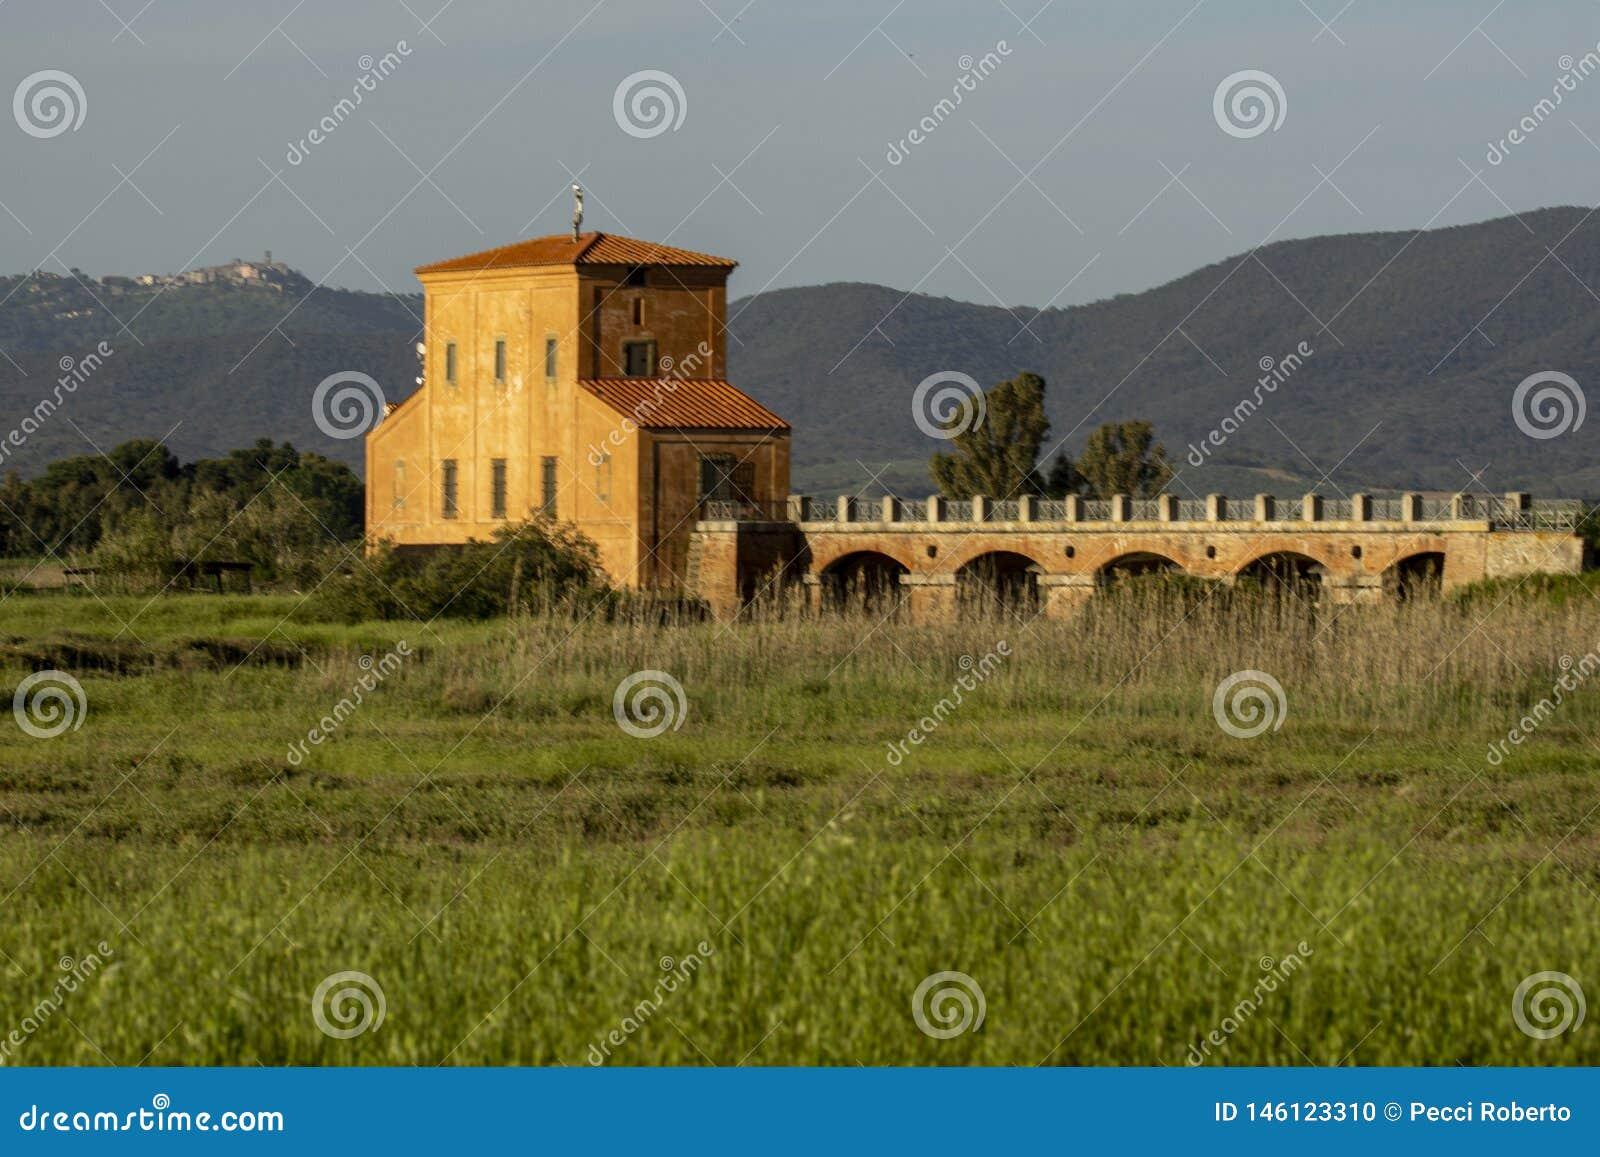 Della Pescaia Grosseto, natürliche Reserve Italiens Toskana Maremma Castiglione von Diaccia Botrona, im Hintergrund über dem Hüge